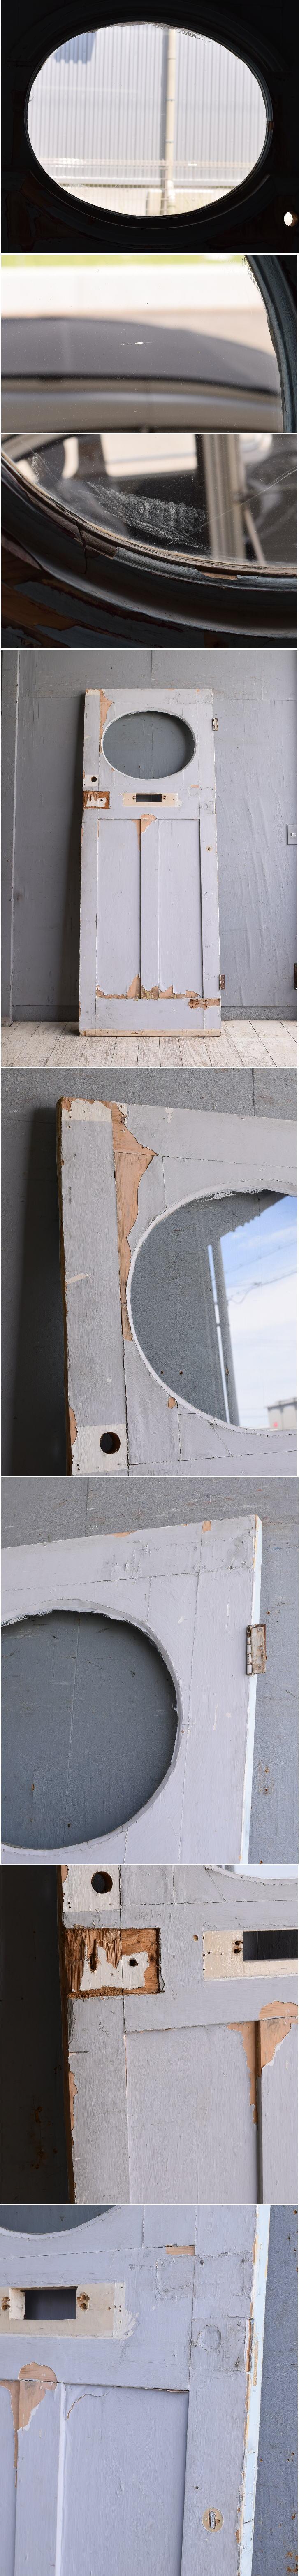 イギリス アンティーク ドア 扉 建具 10163